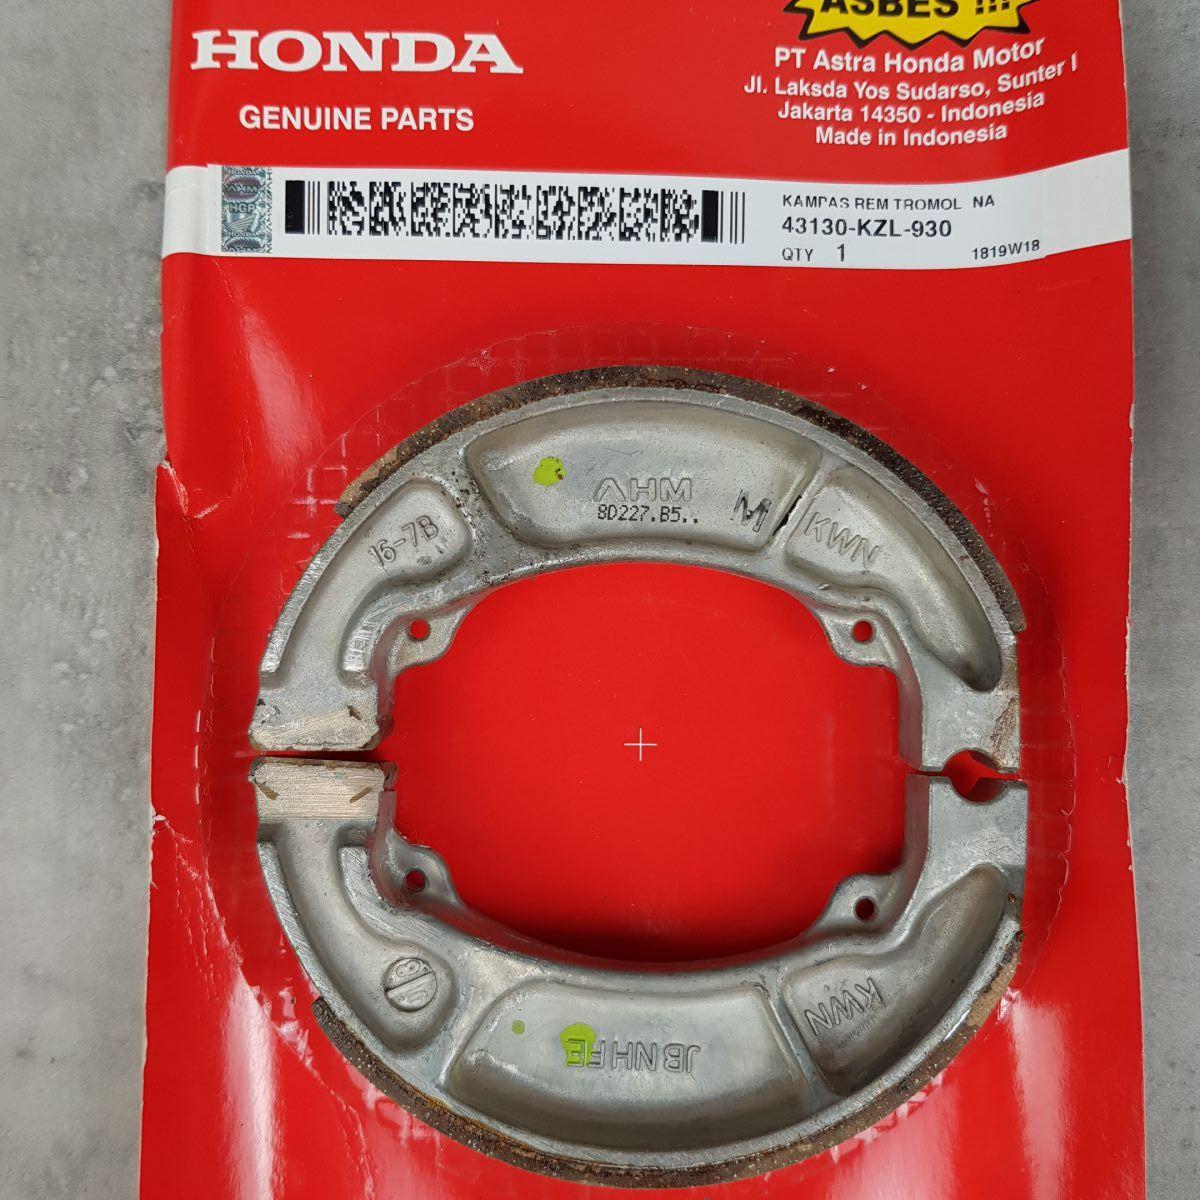 Bo-thang-sau-xe-may-Airblade-125-150-chinh-hang-Honda-Indo-4